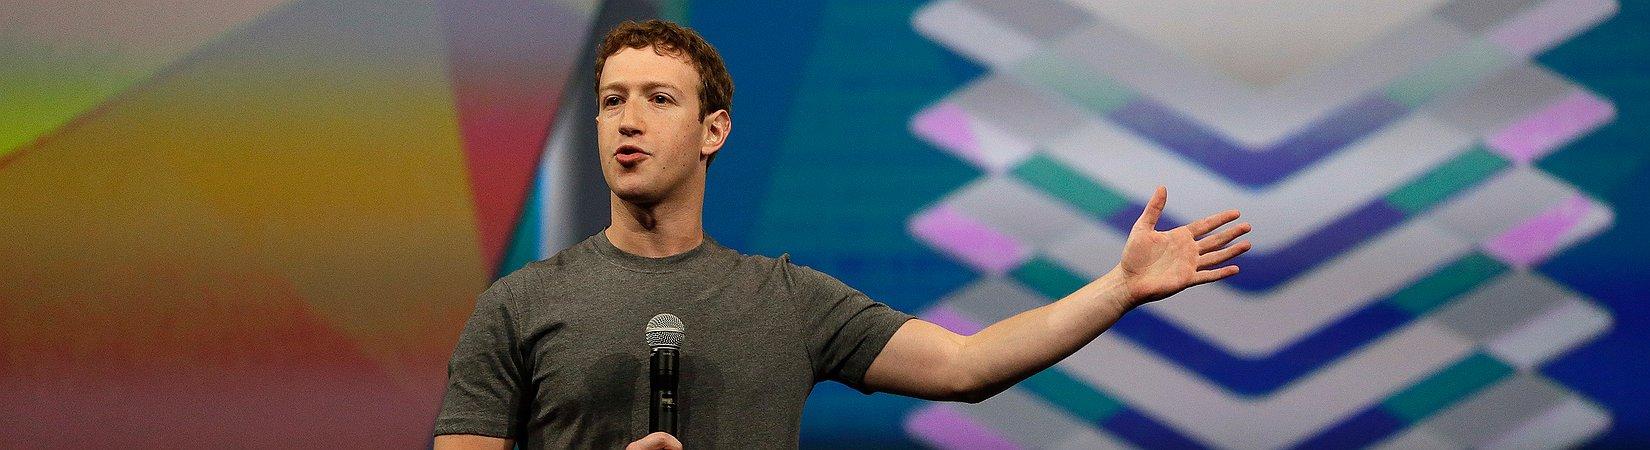 Facebook registra un crecimiento de los ingresos del 59%